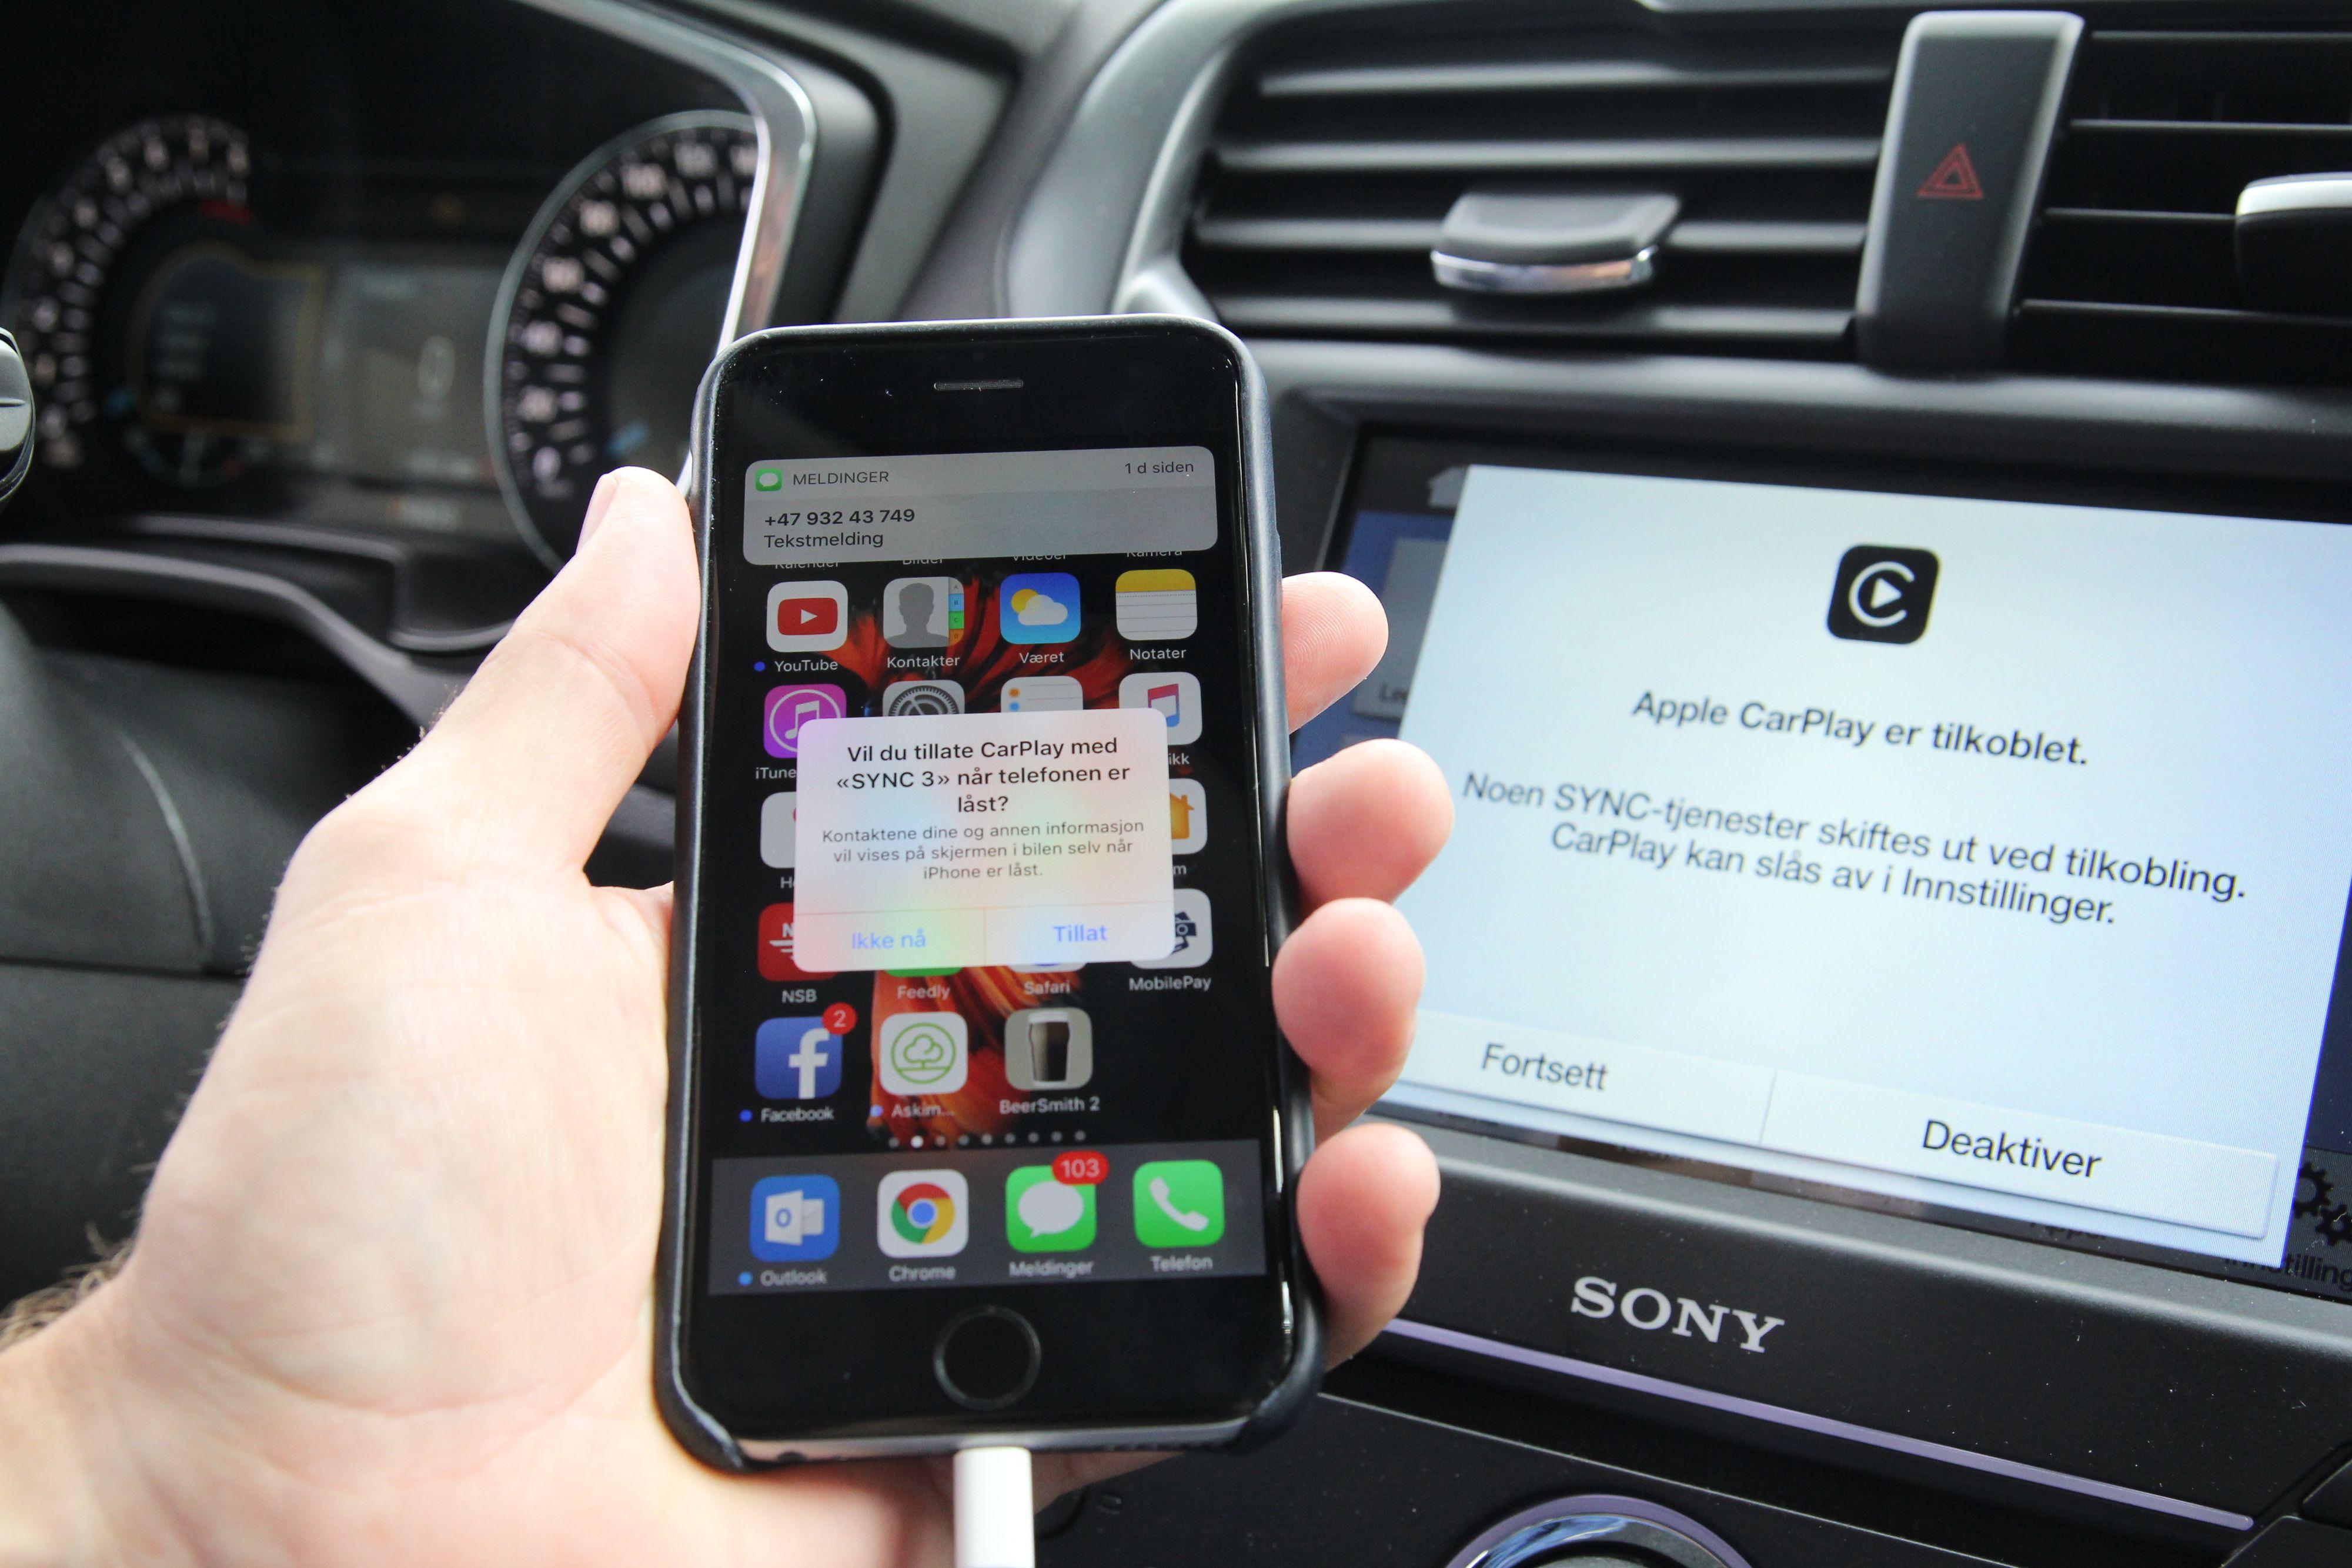 Apple CarPlay koblet opp mot Sync3 i en Ford Mondeo.